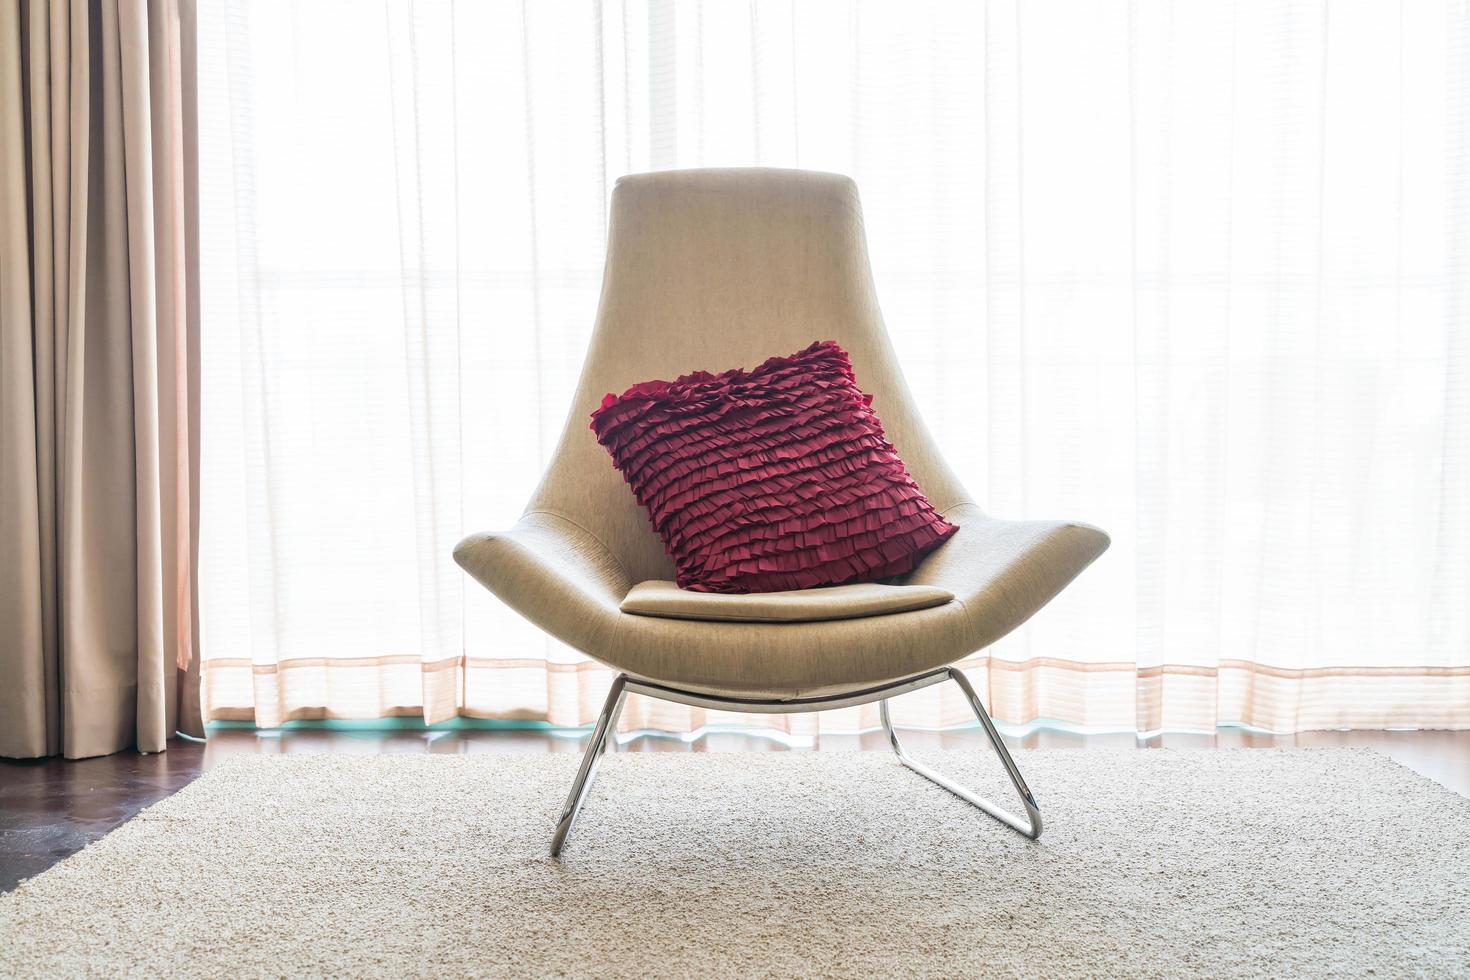 Stuhl mit einem rosa Kissen foto